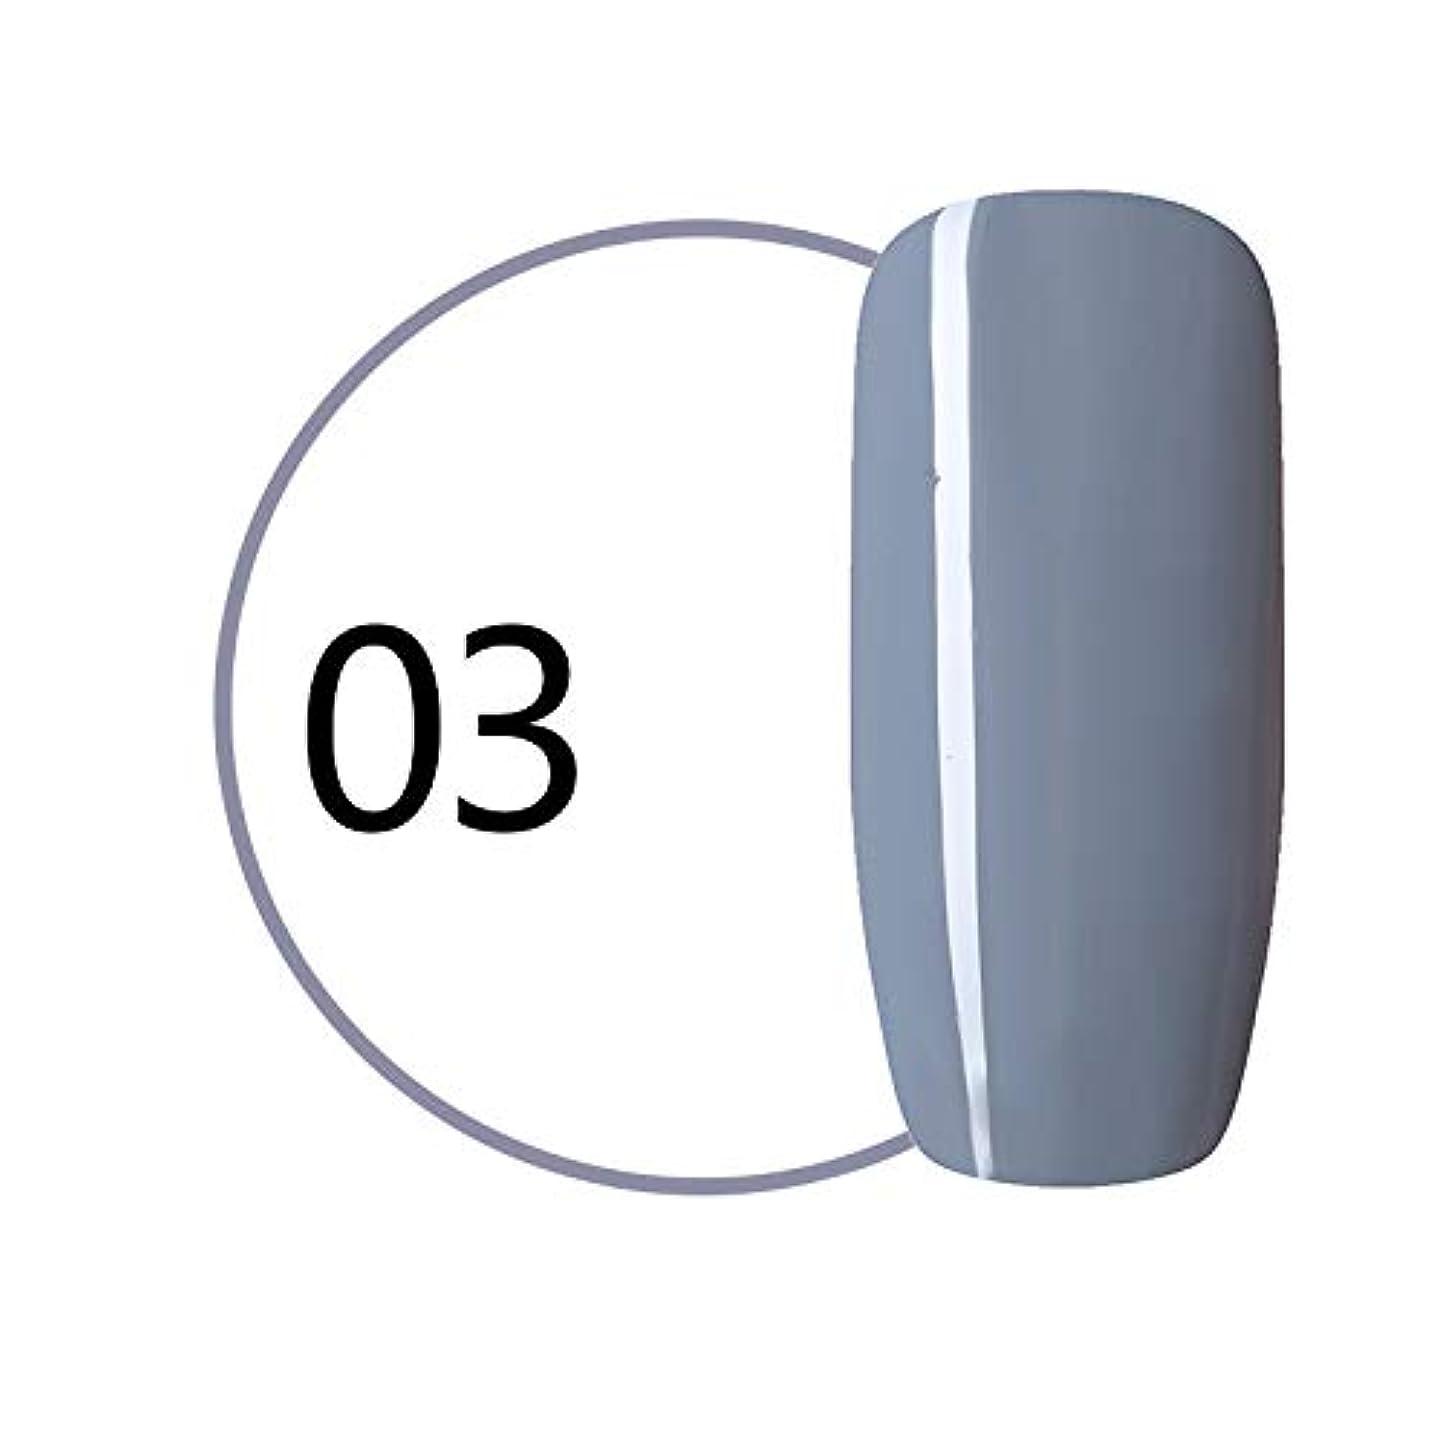 暗黙休憩する全部Symboat マニキュア ソークオフ UV LED ネイルジェルポリッシュ ワイングレーシリーズ ネイル用品 女優 人気 初心者にも対応 安全 無毒